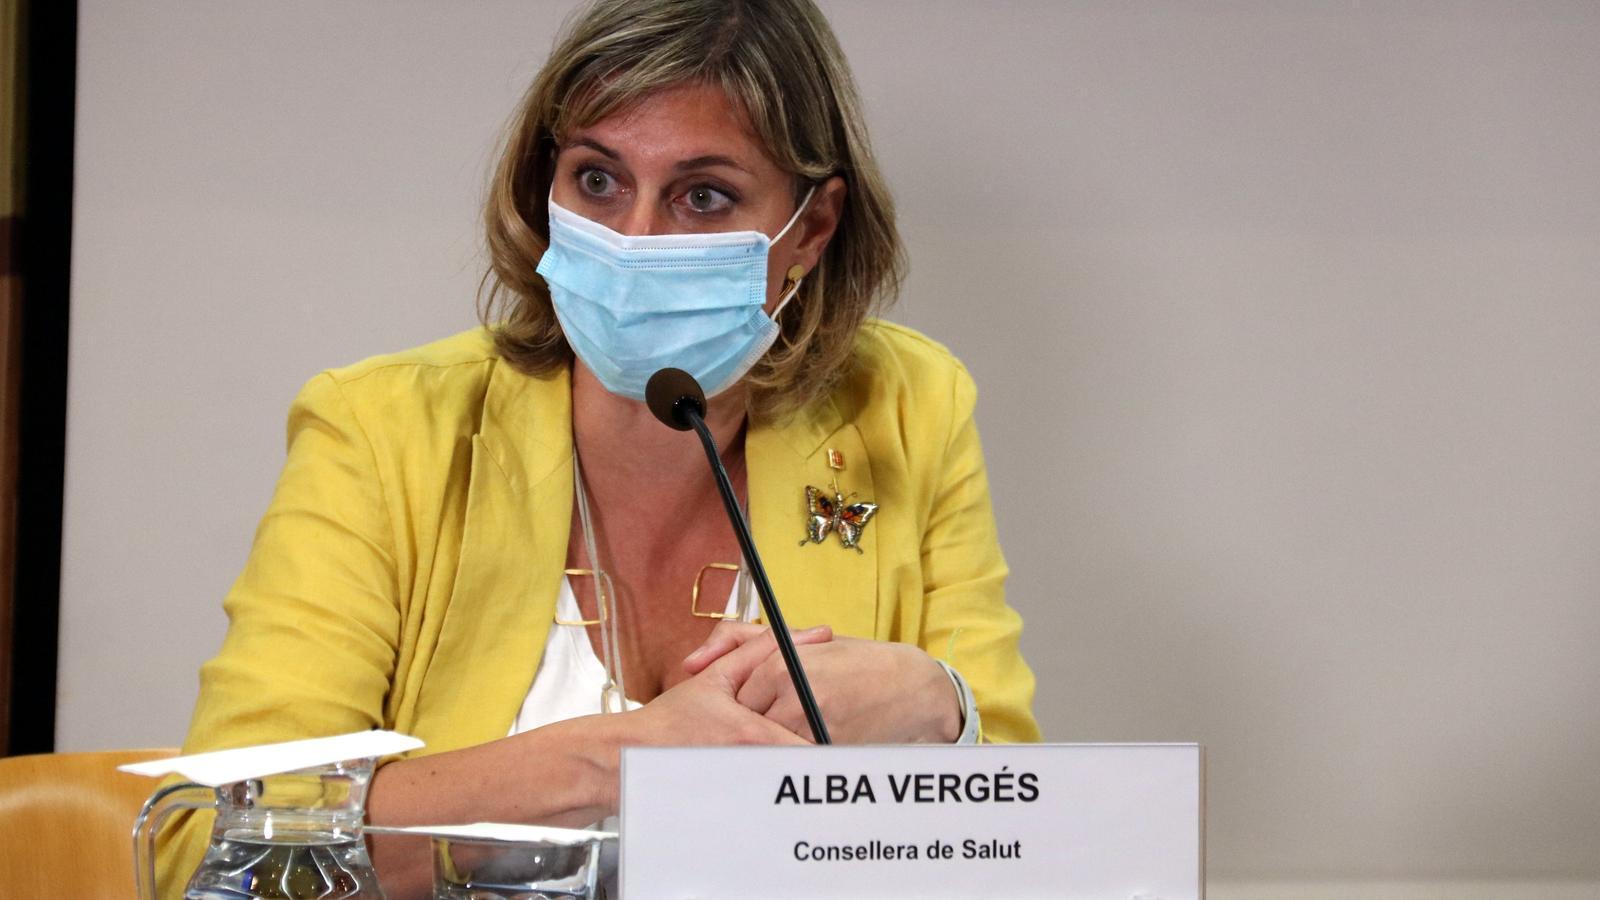 La consellera de Salut, Alba Vergés, durant una roda de premsa a principis de setembre